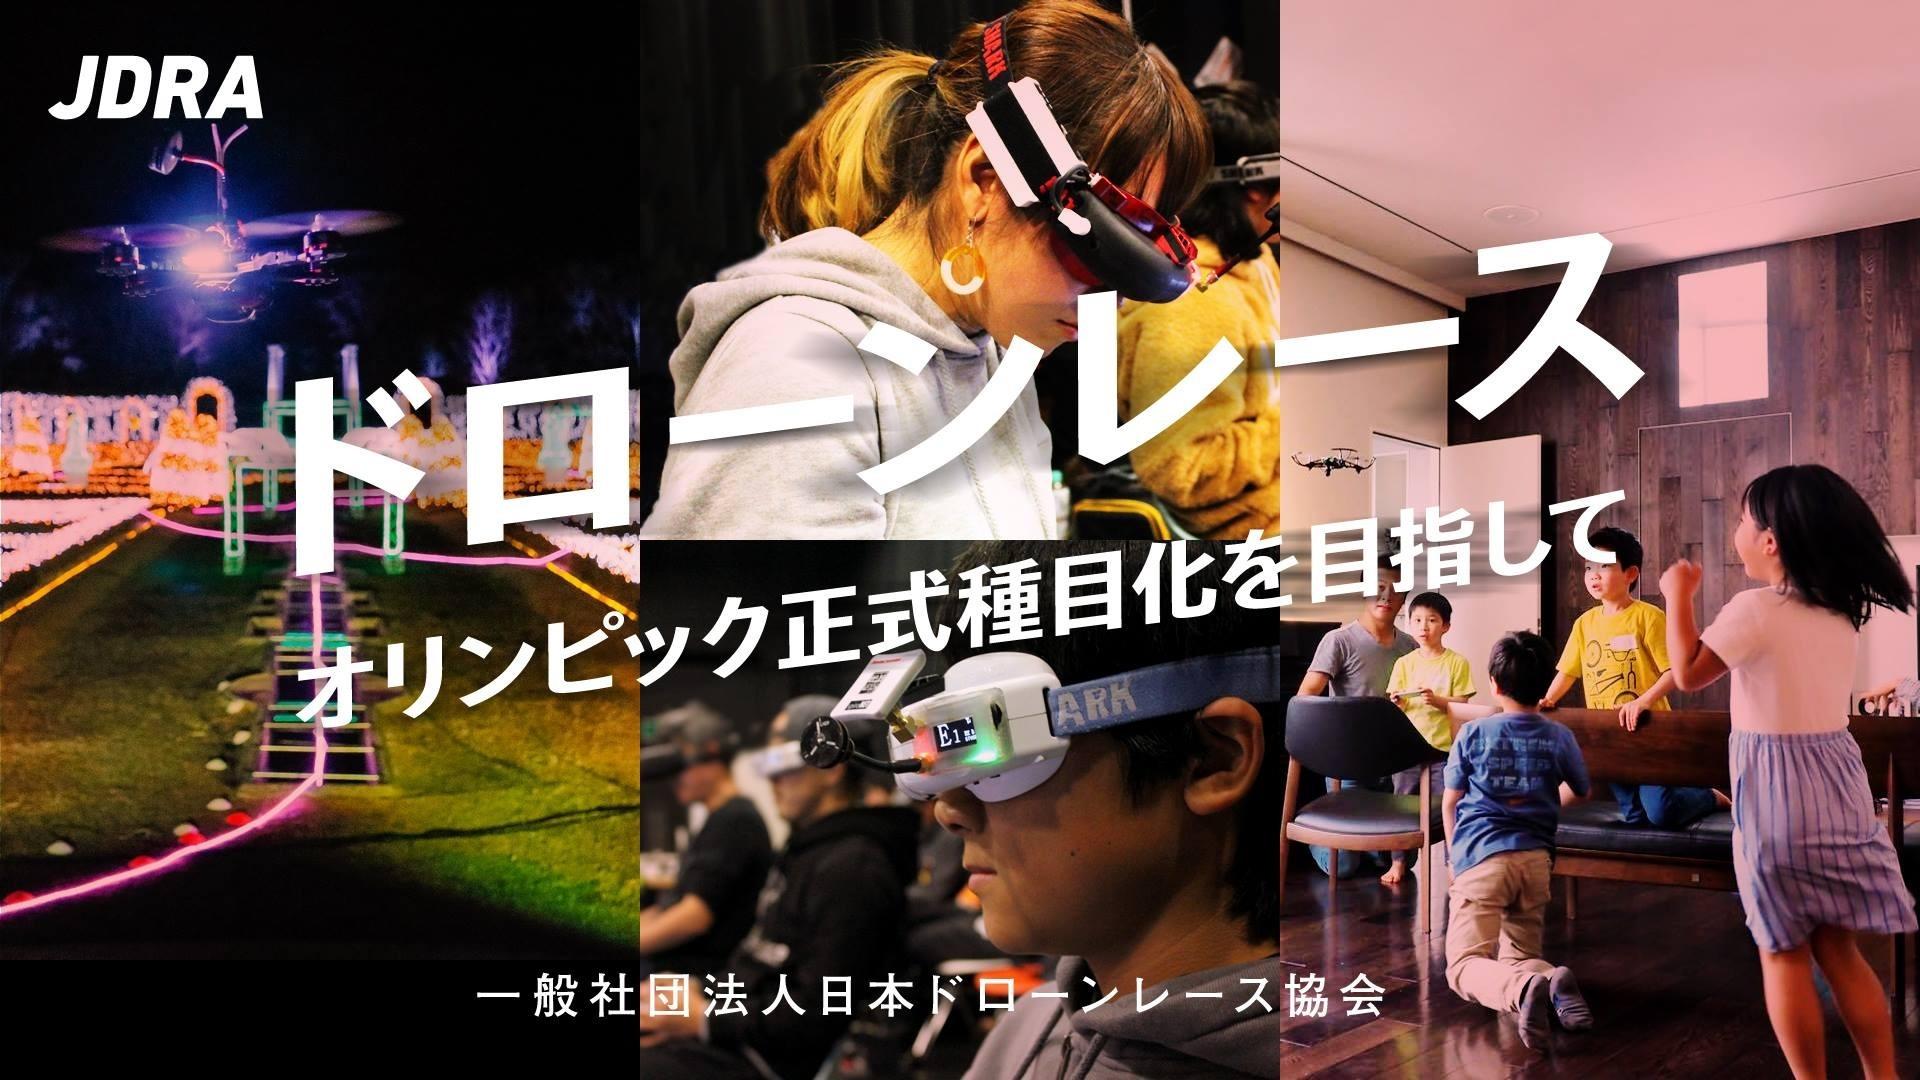 ドローンエンタメ大学校(JDRA日本ドローンレース協会オンライン会員)